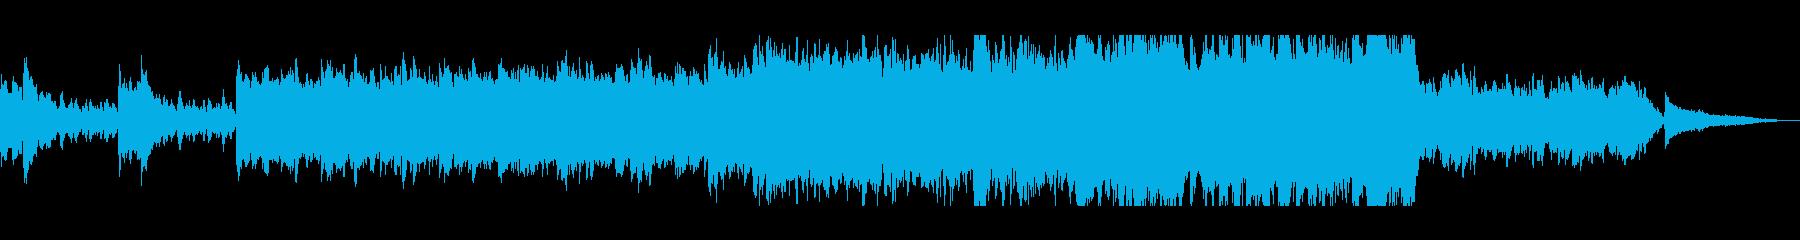 明るく爽やかな管楽器ピアノサウンドの再生済みの波形